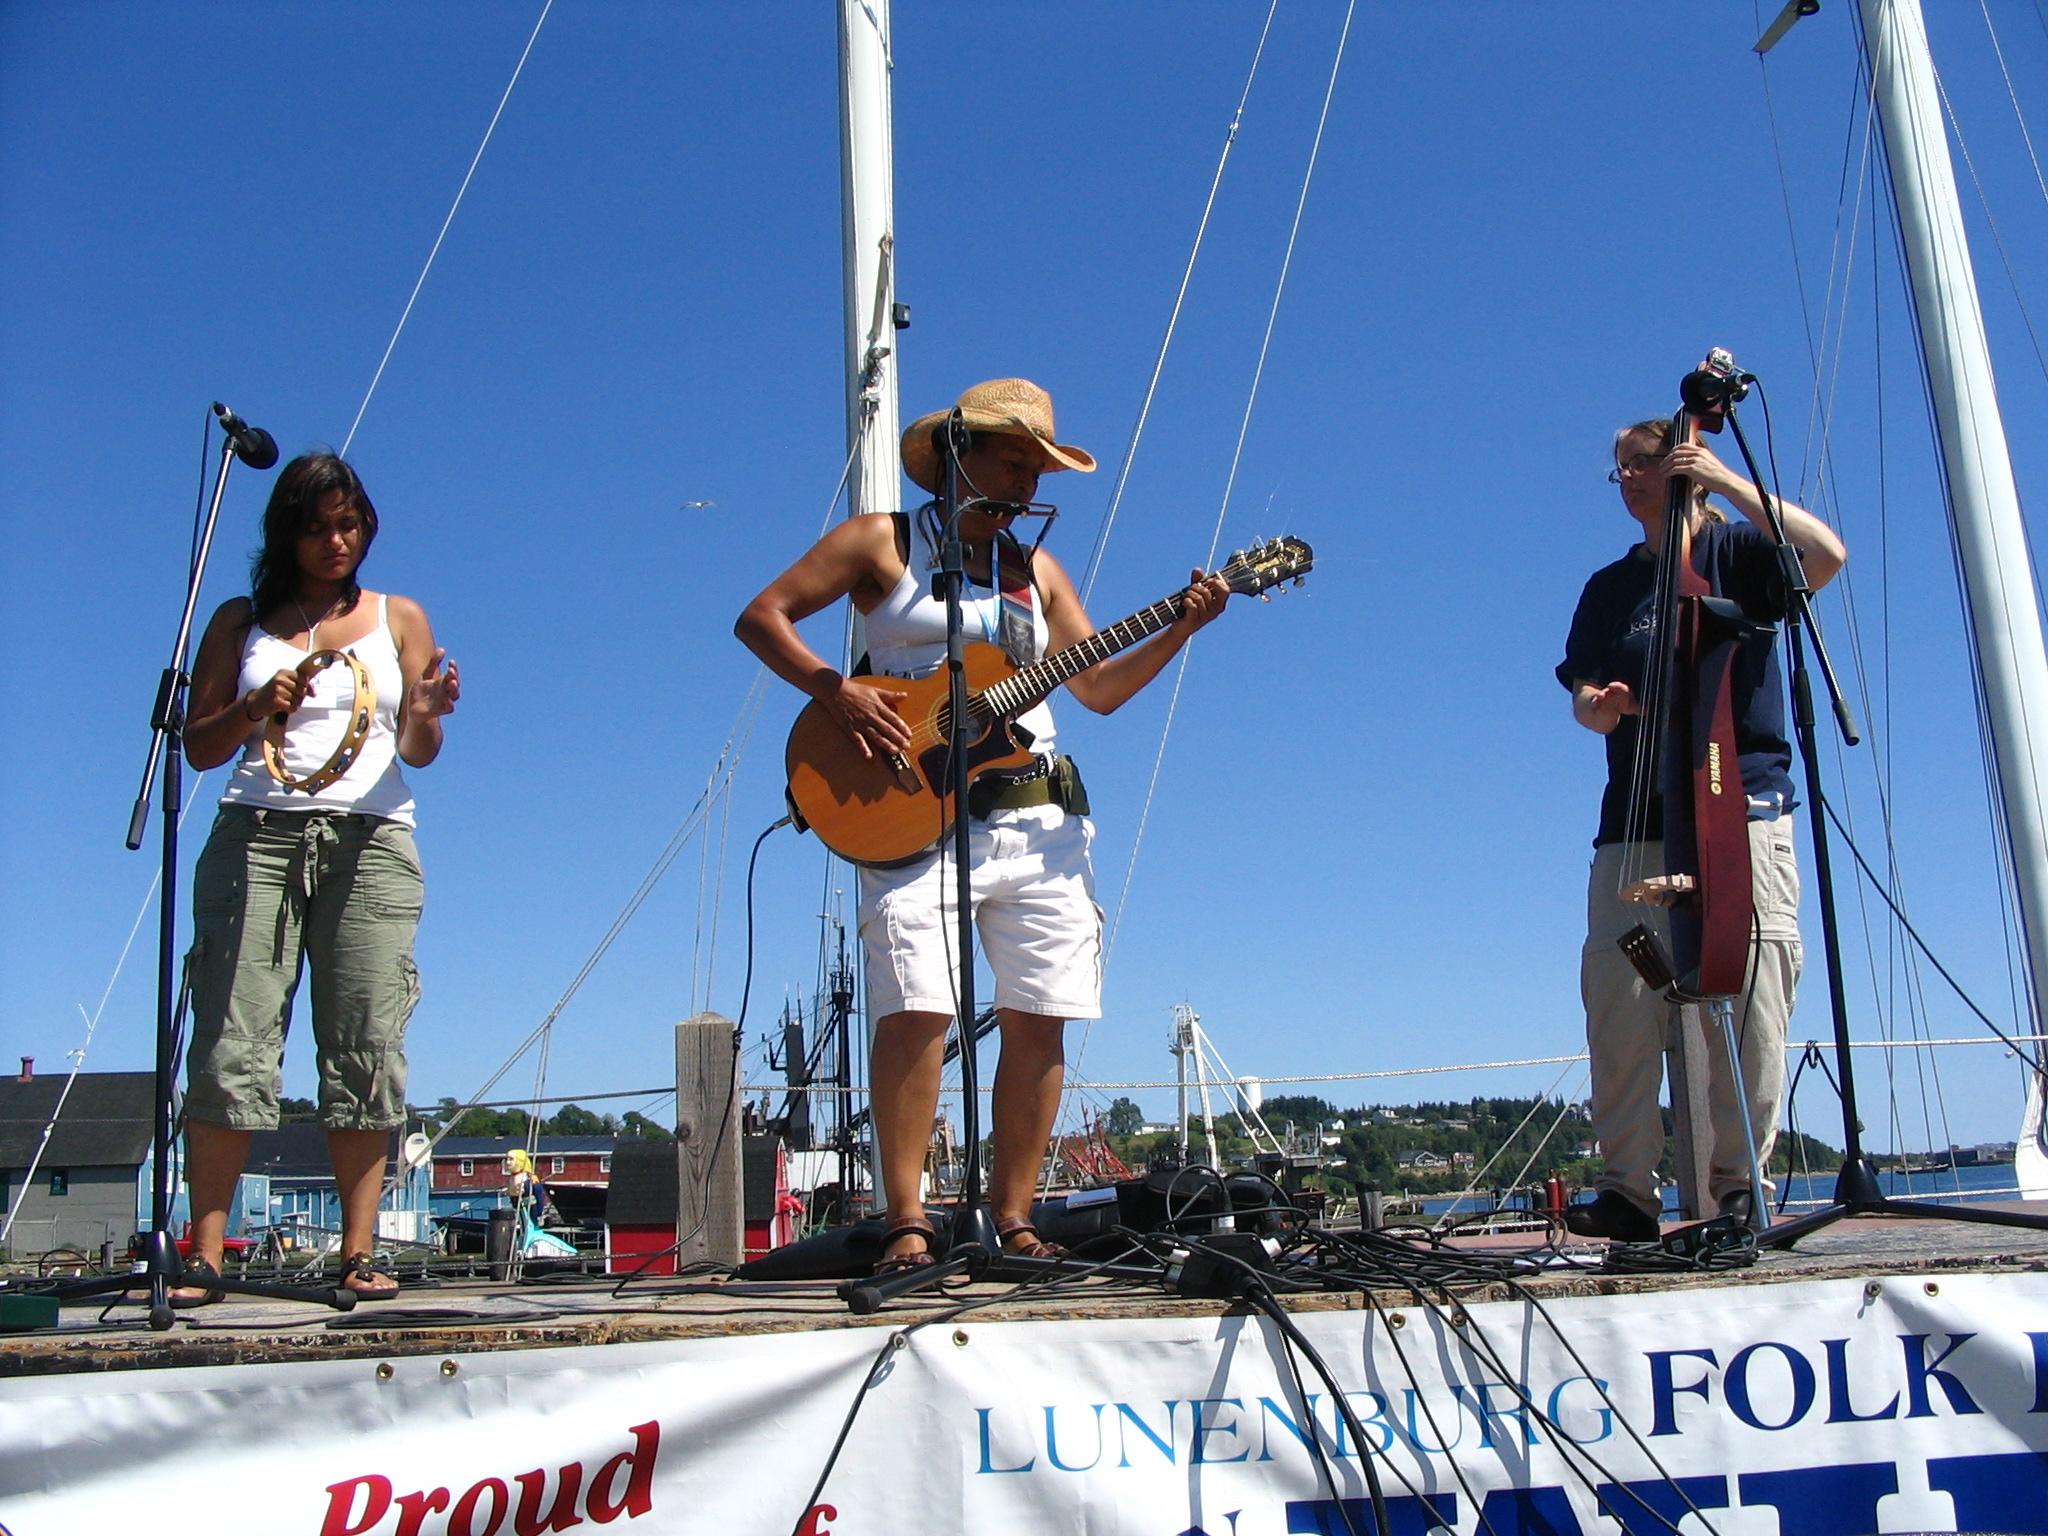 Luneneberg Folk Festival